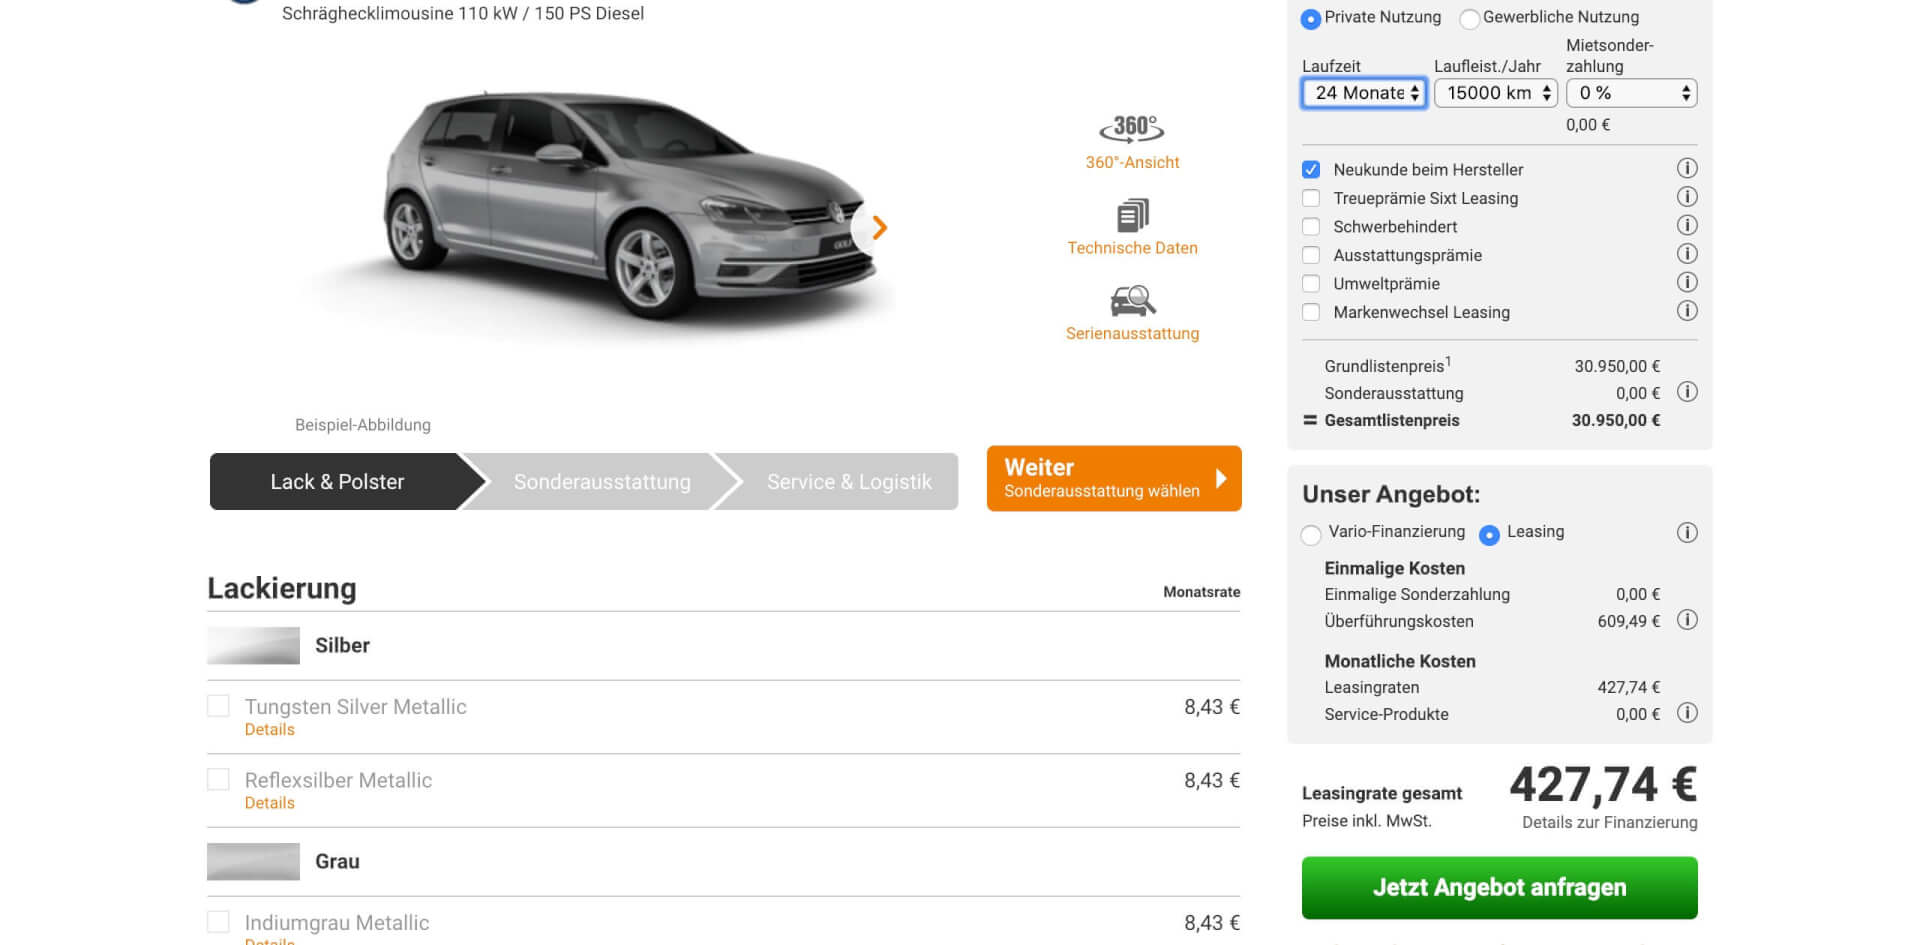 Auto Abo vs Leasing Vergleich 1